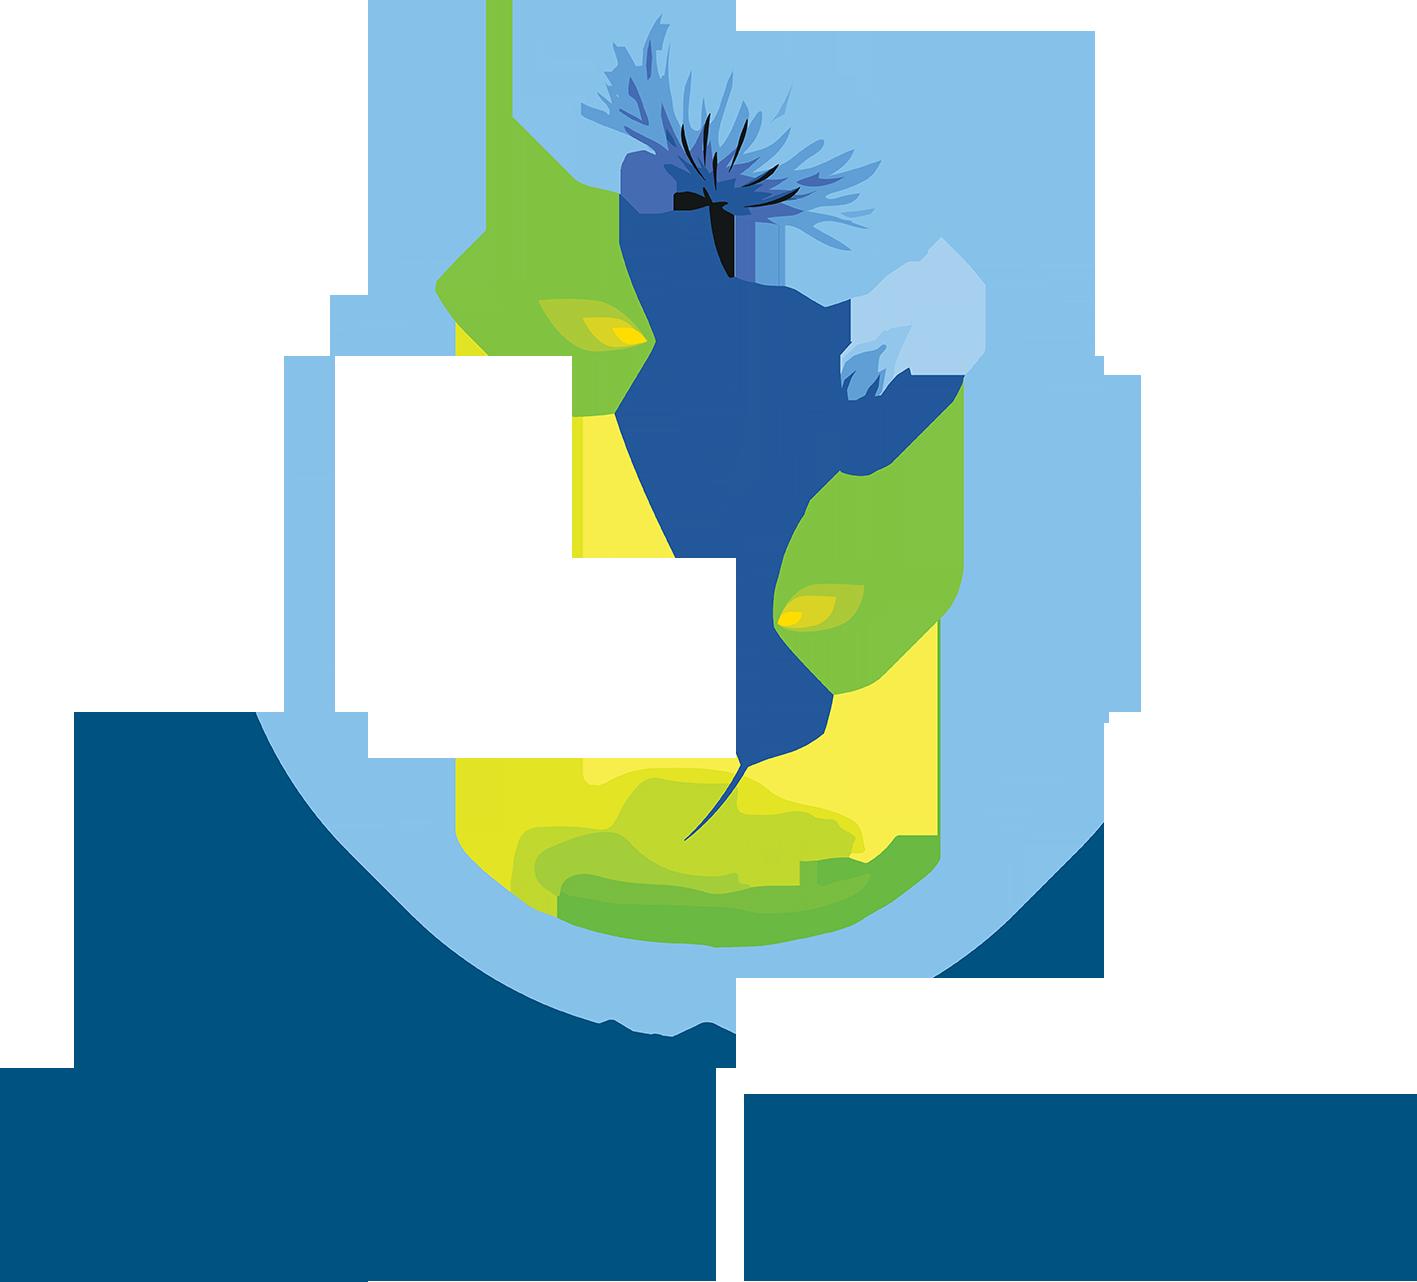 https://manonwoodstock.com